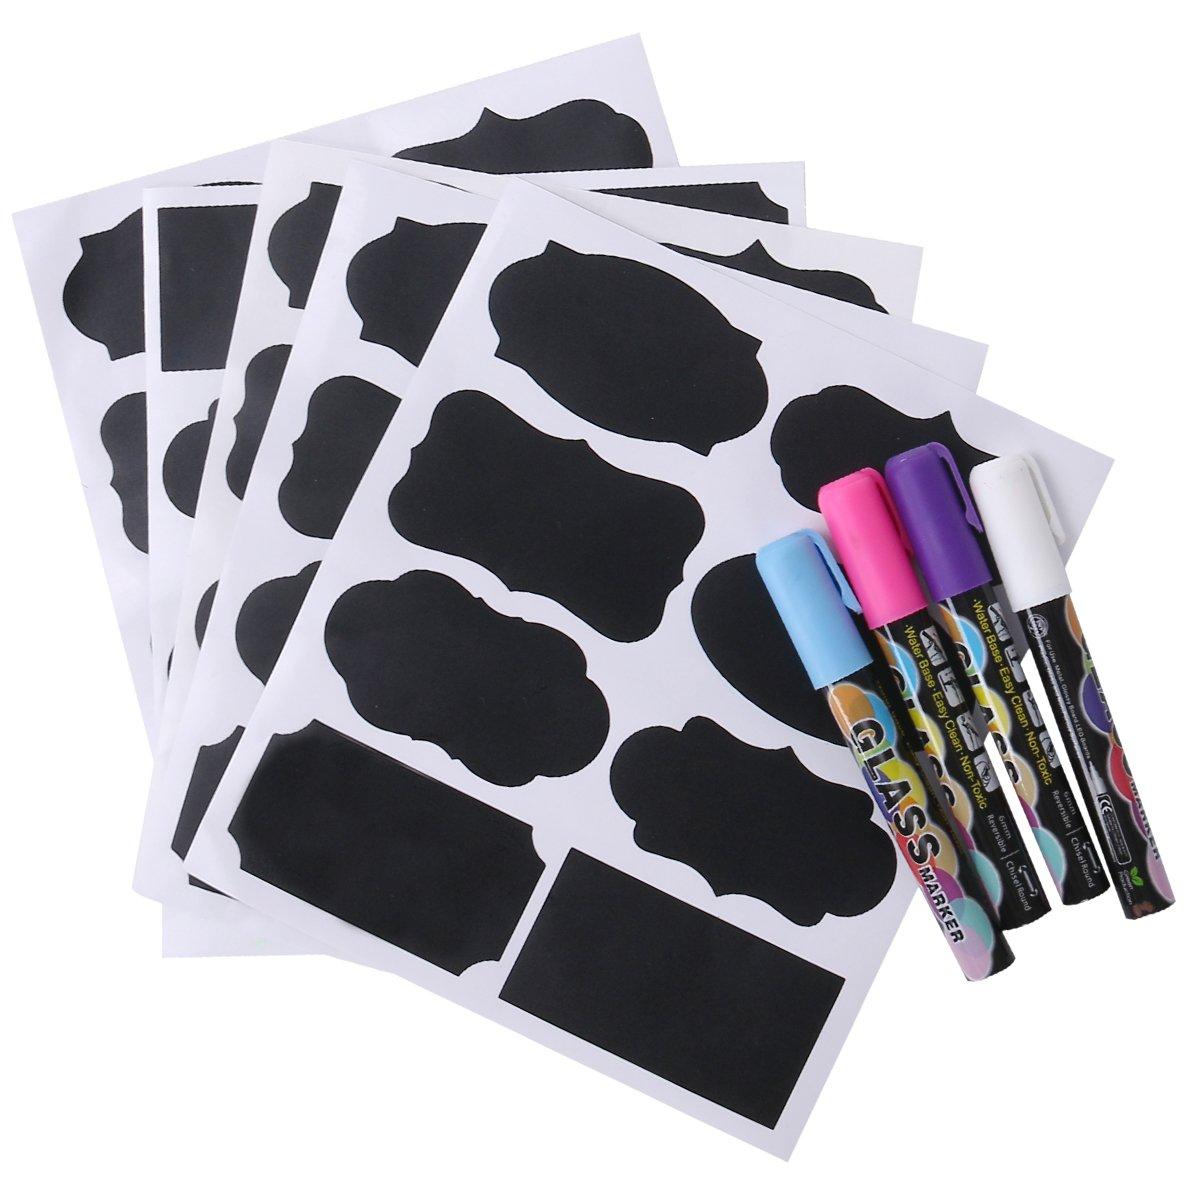 Bolígrafos de tinta borrable marcadores Dustless no tóxico ...